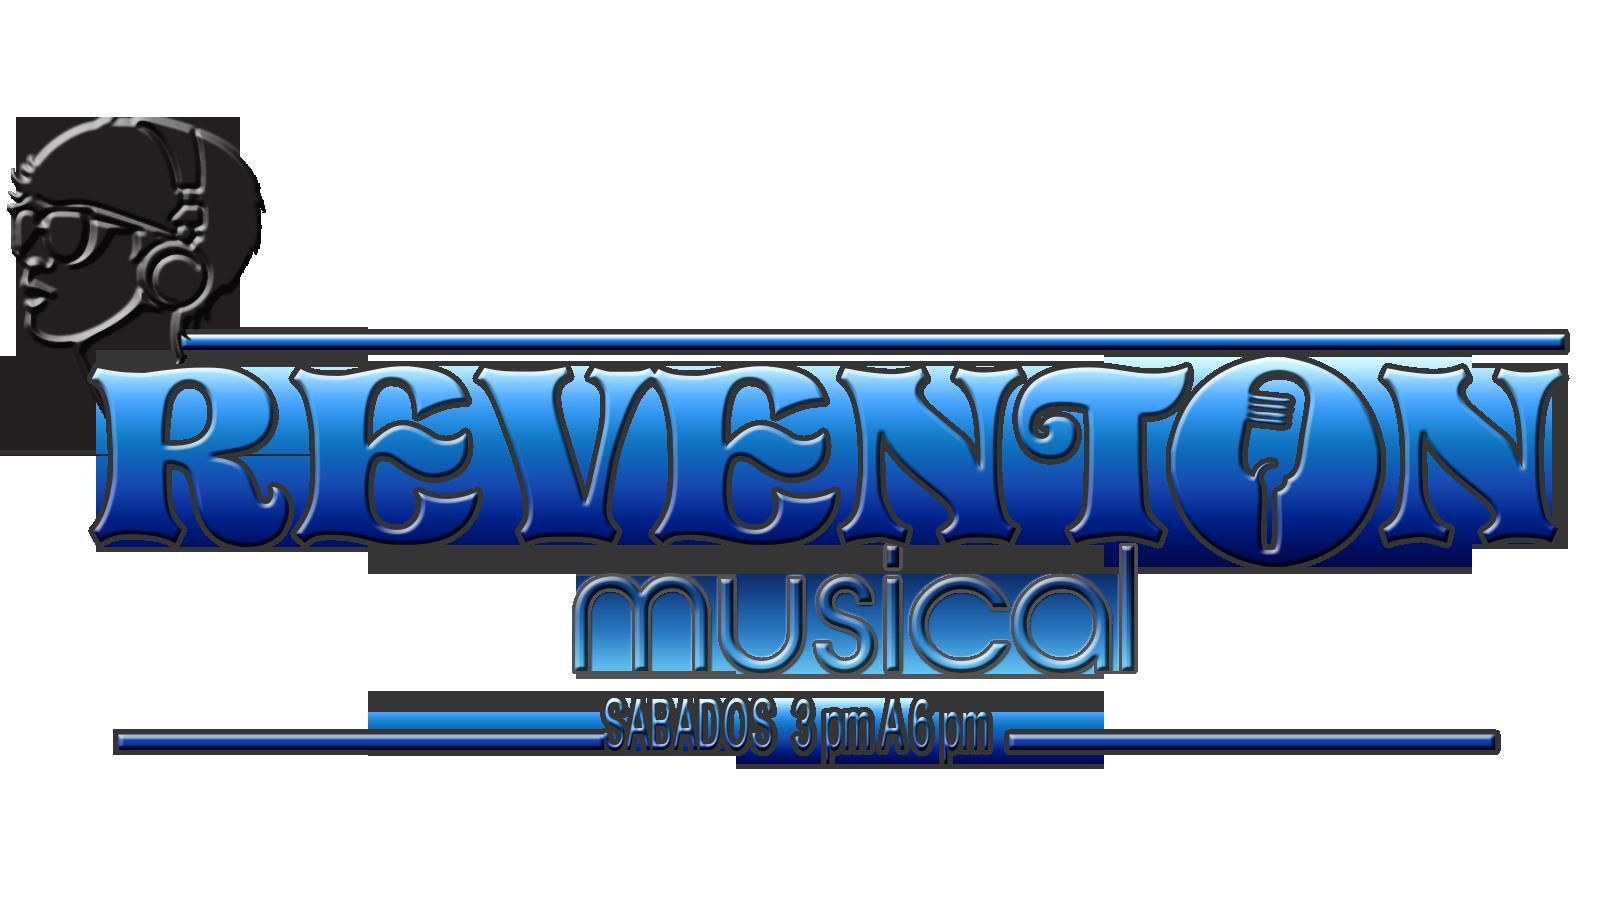 REVENTON MUSICAL